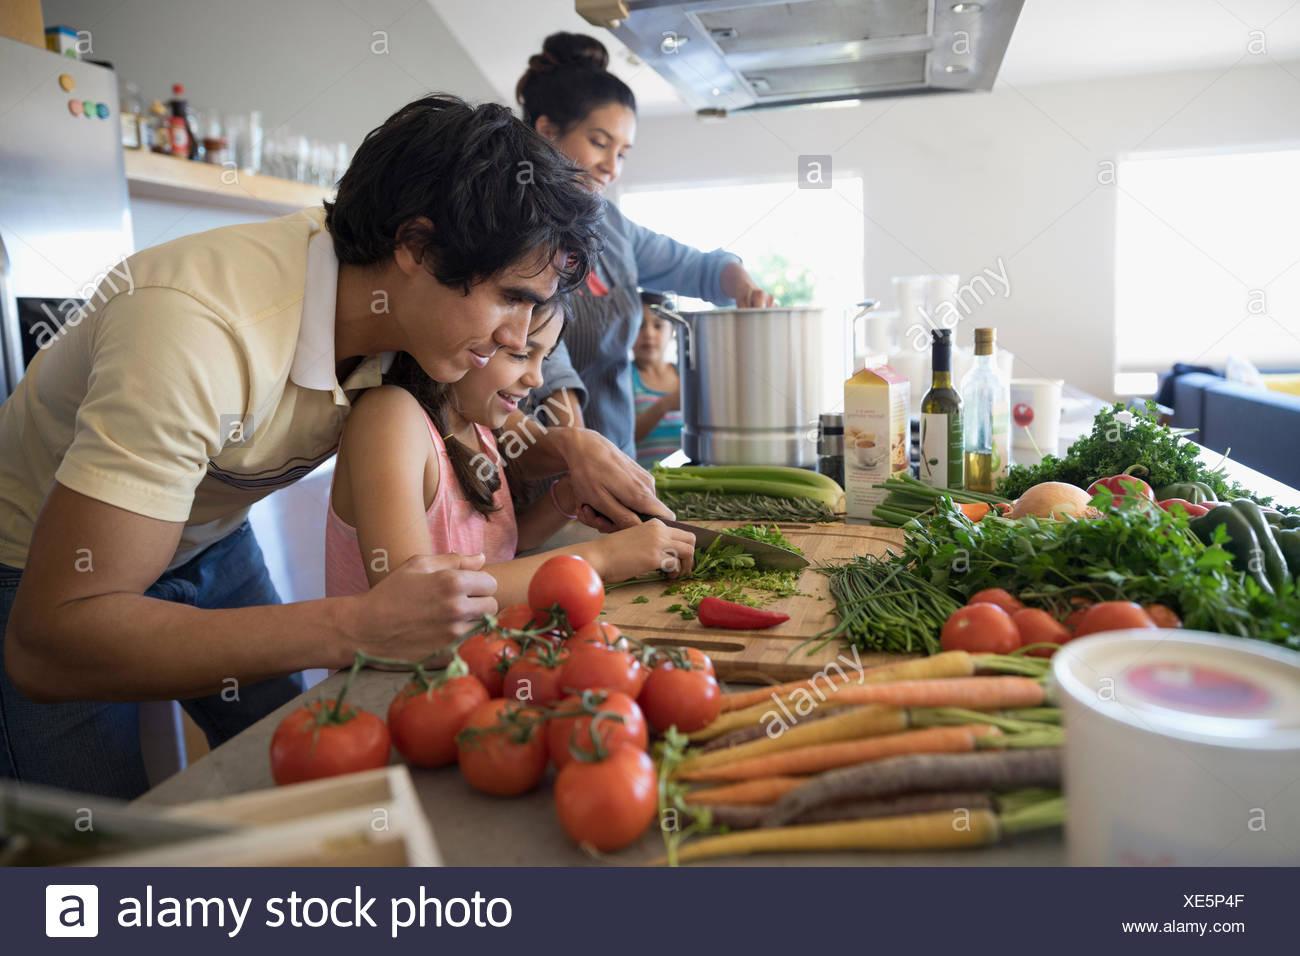 Familie, Kochen, Schneiden von Gemüse in der Küche Stockbild